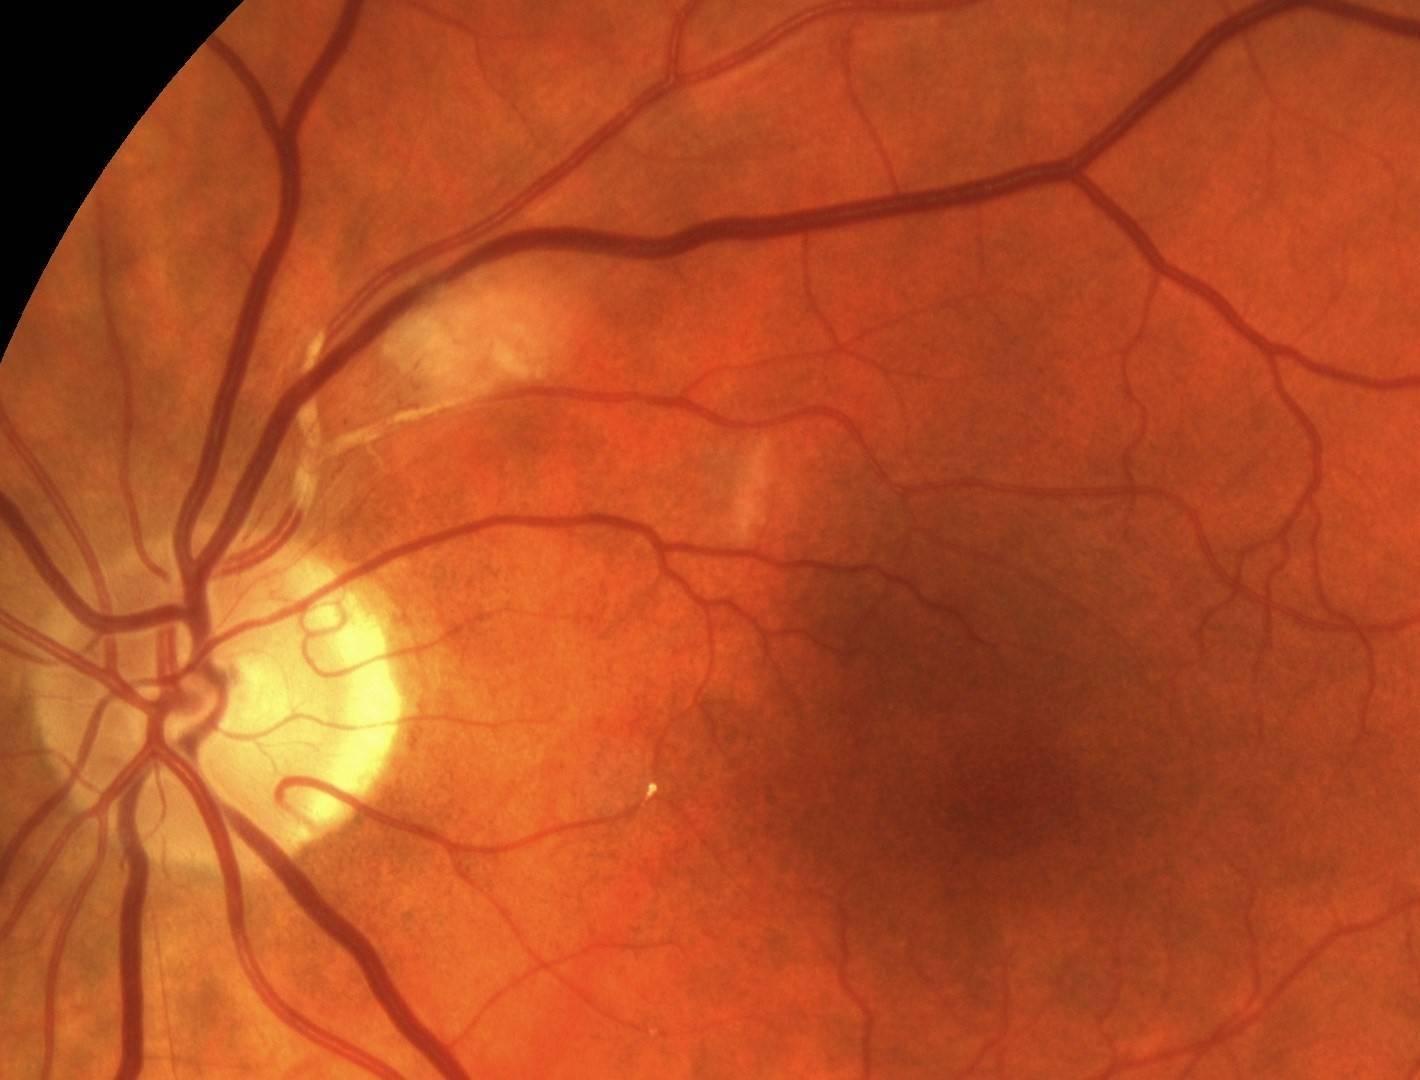 Лечение ангиопатии сетчатки глаза у ребенка